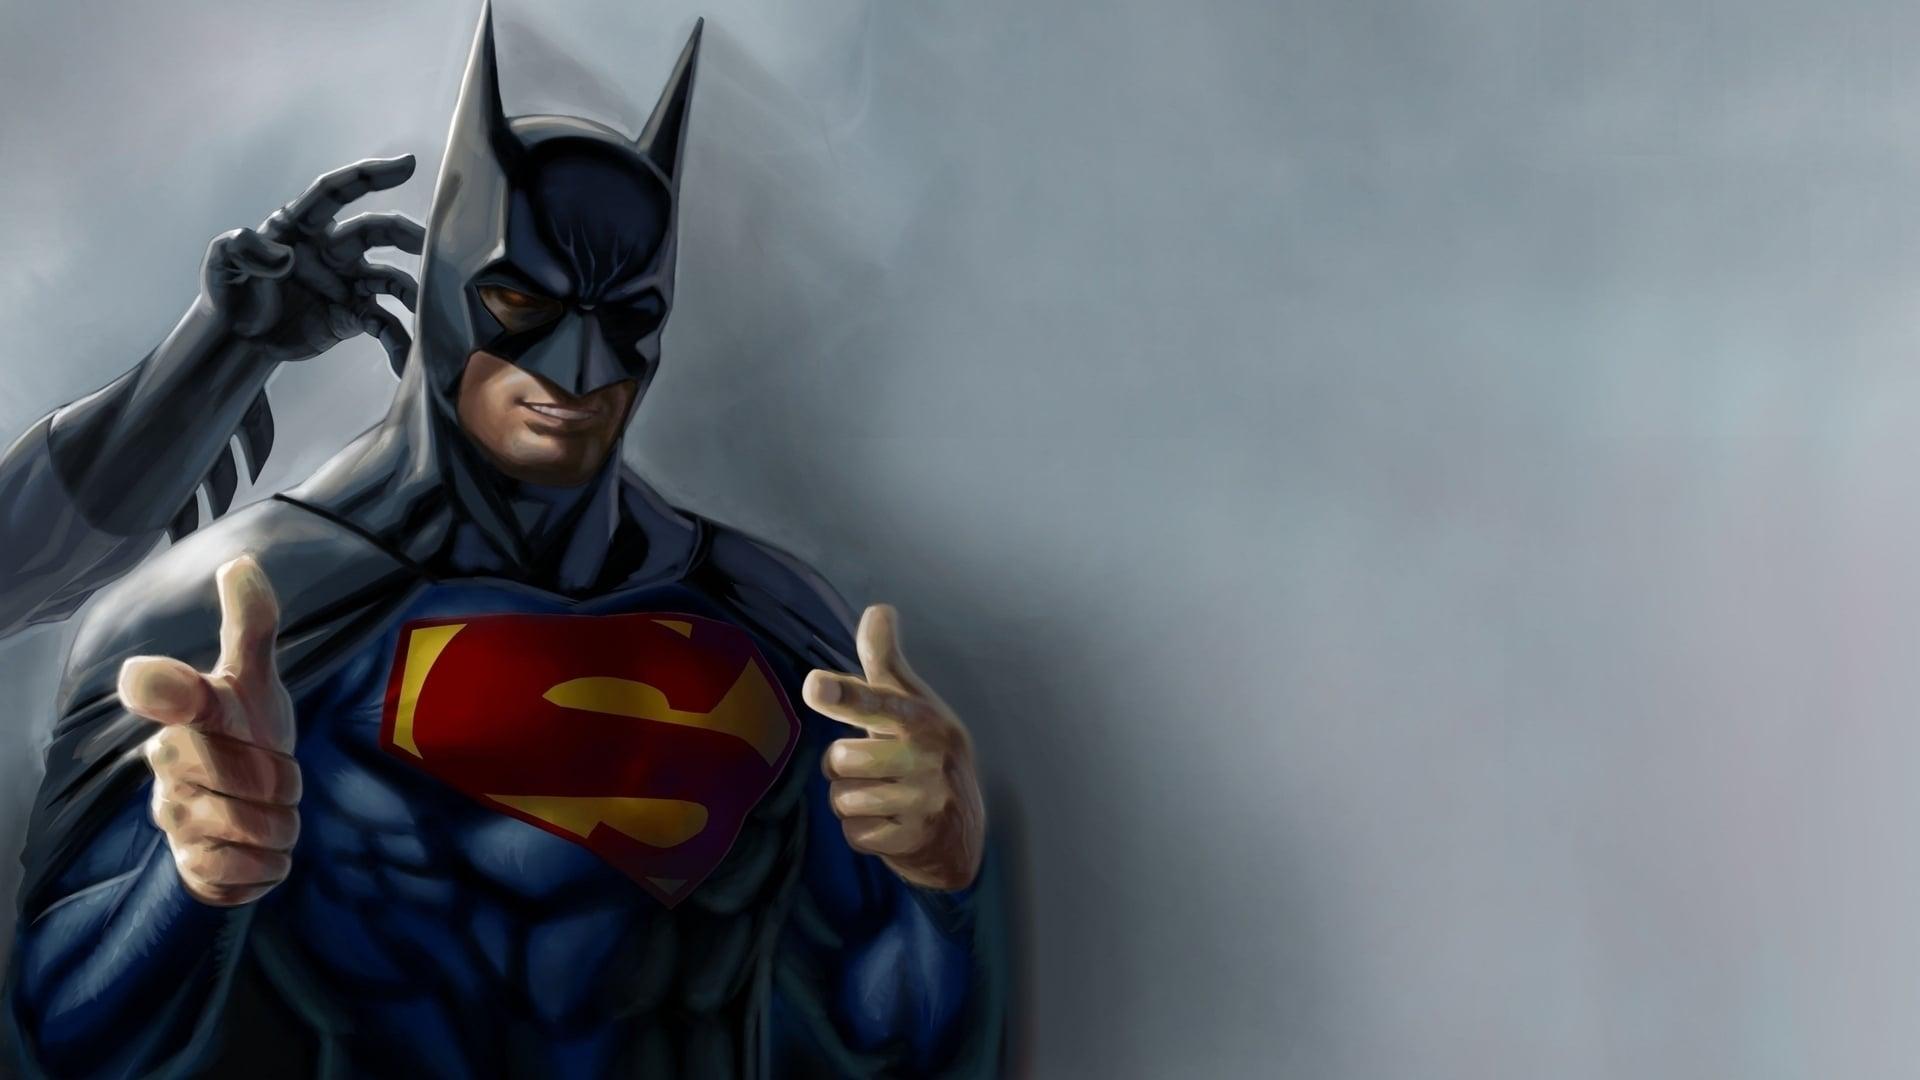 Batman Vs Superman HD 1080p Wallpaper 1920x1080